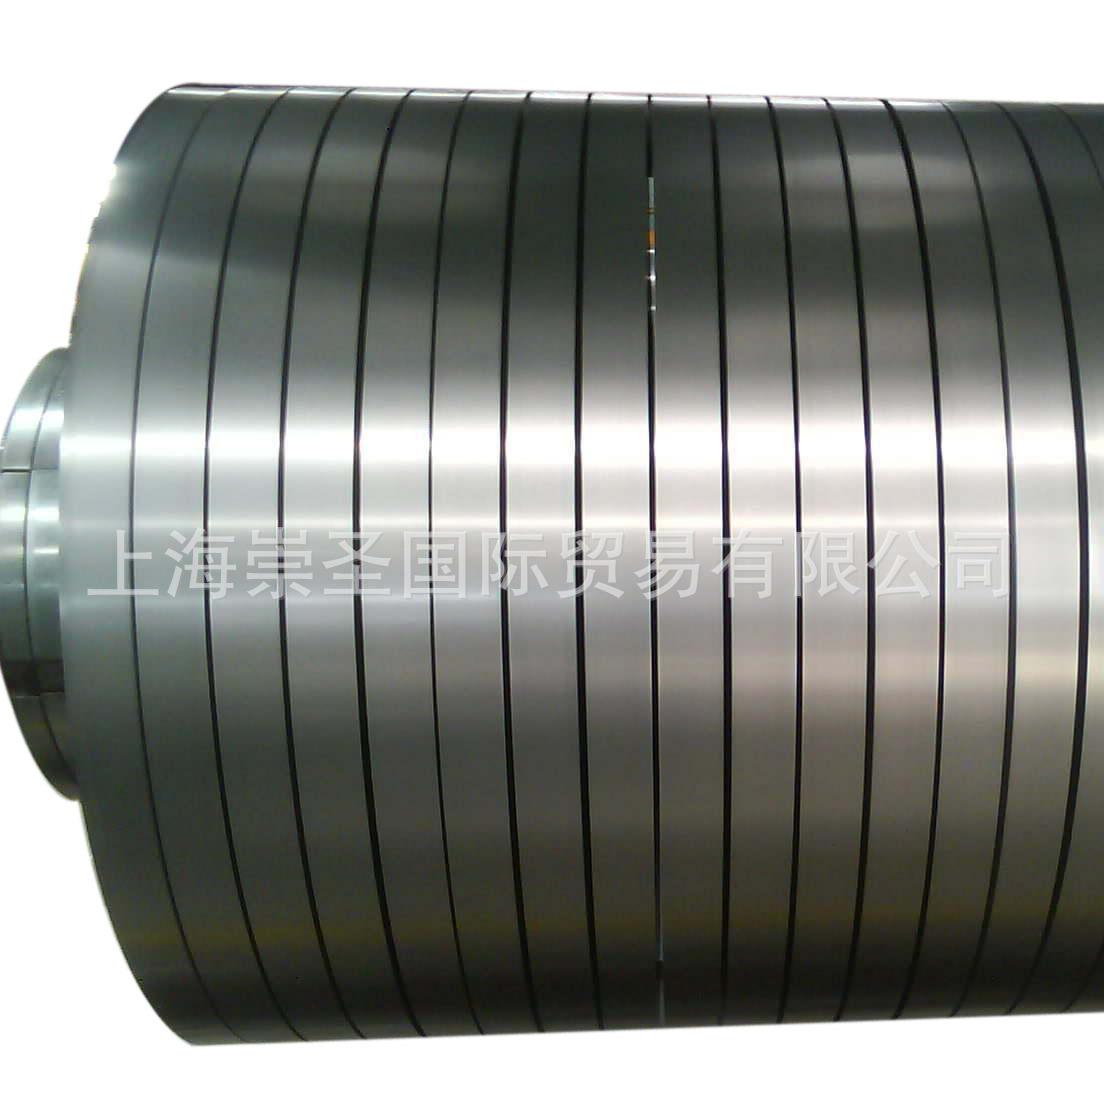 无取向硅钢 电工钢 B35A300B50A400电机用矽钢片铁芯条形硅钢片